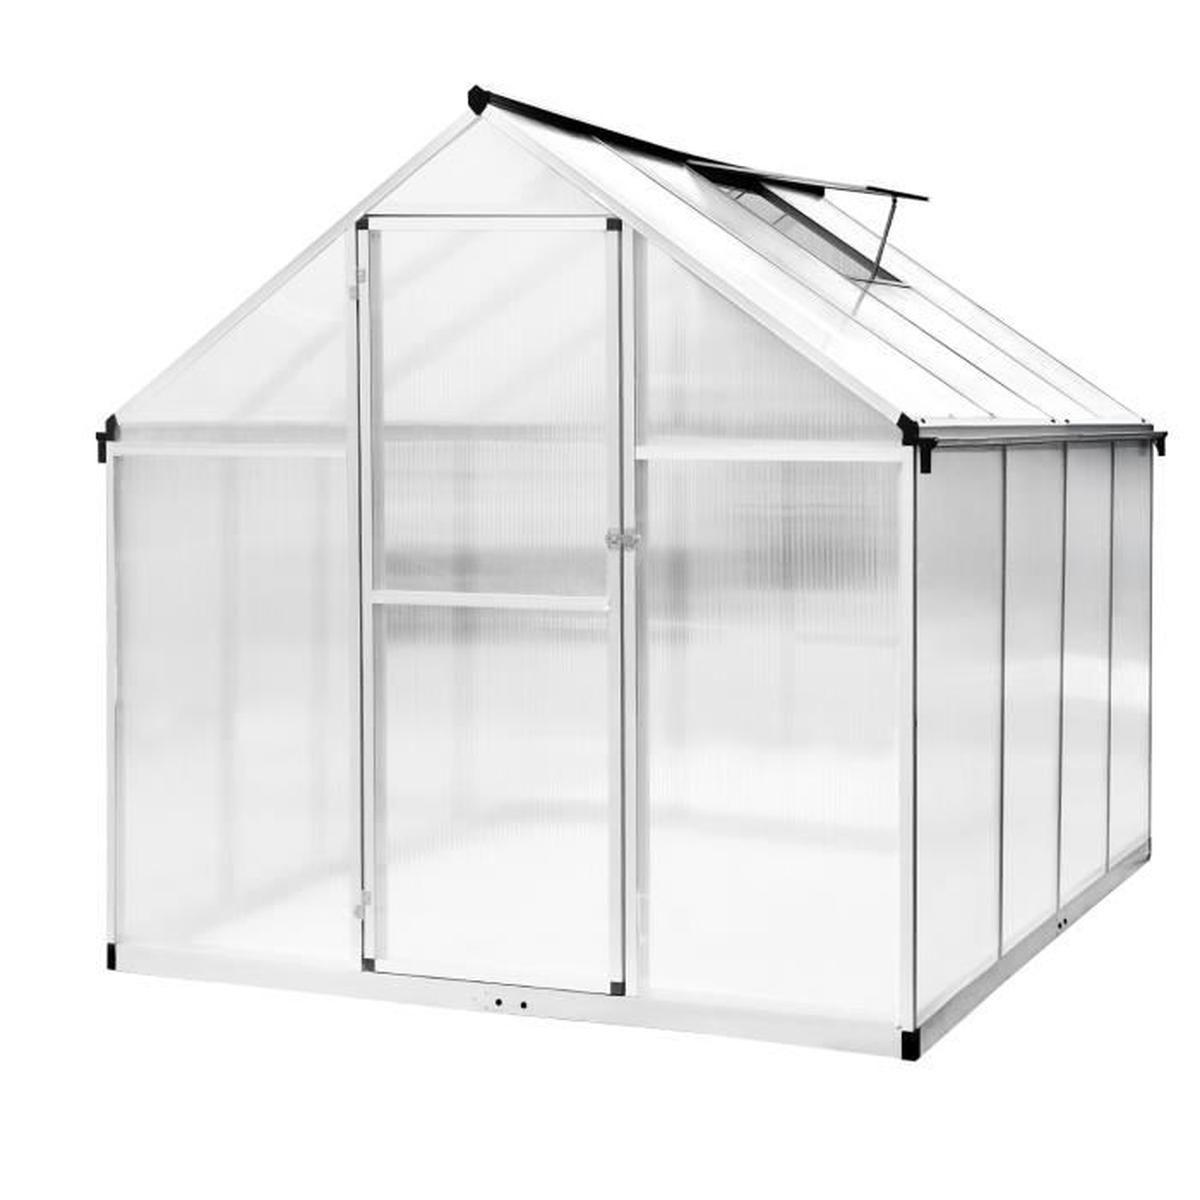 Serre De Jardin 242*190*195Cm Serre En Polycarbonate Aluminium Abri De  Jardin 4.60 M² avec Serre De Jardin Polycarbonate Pas Cher